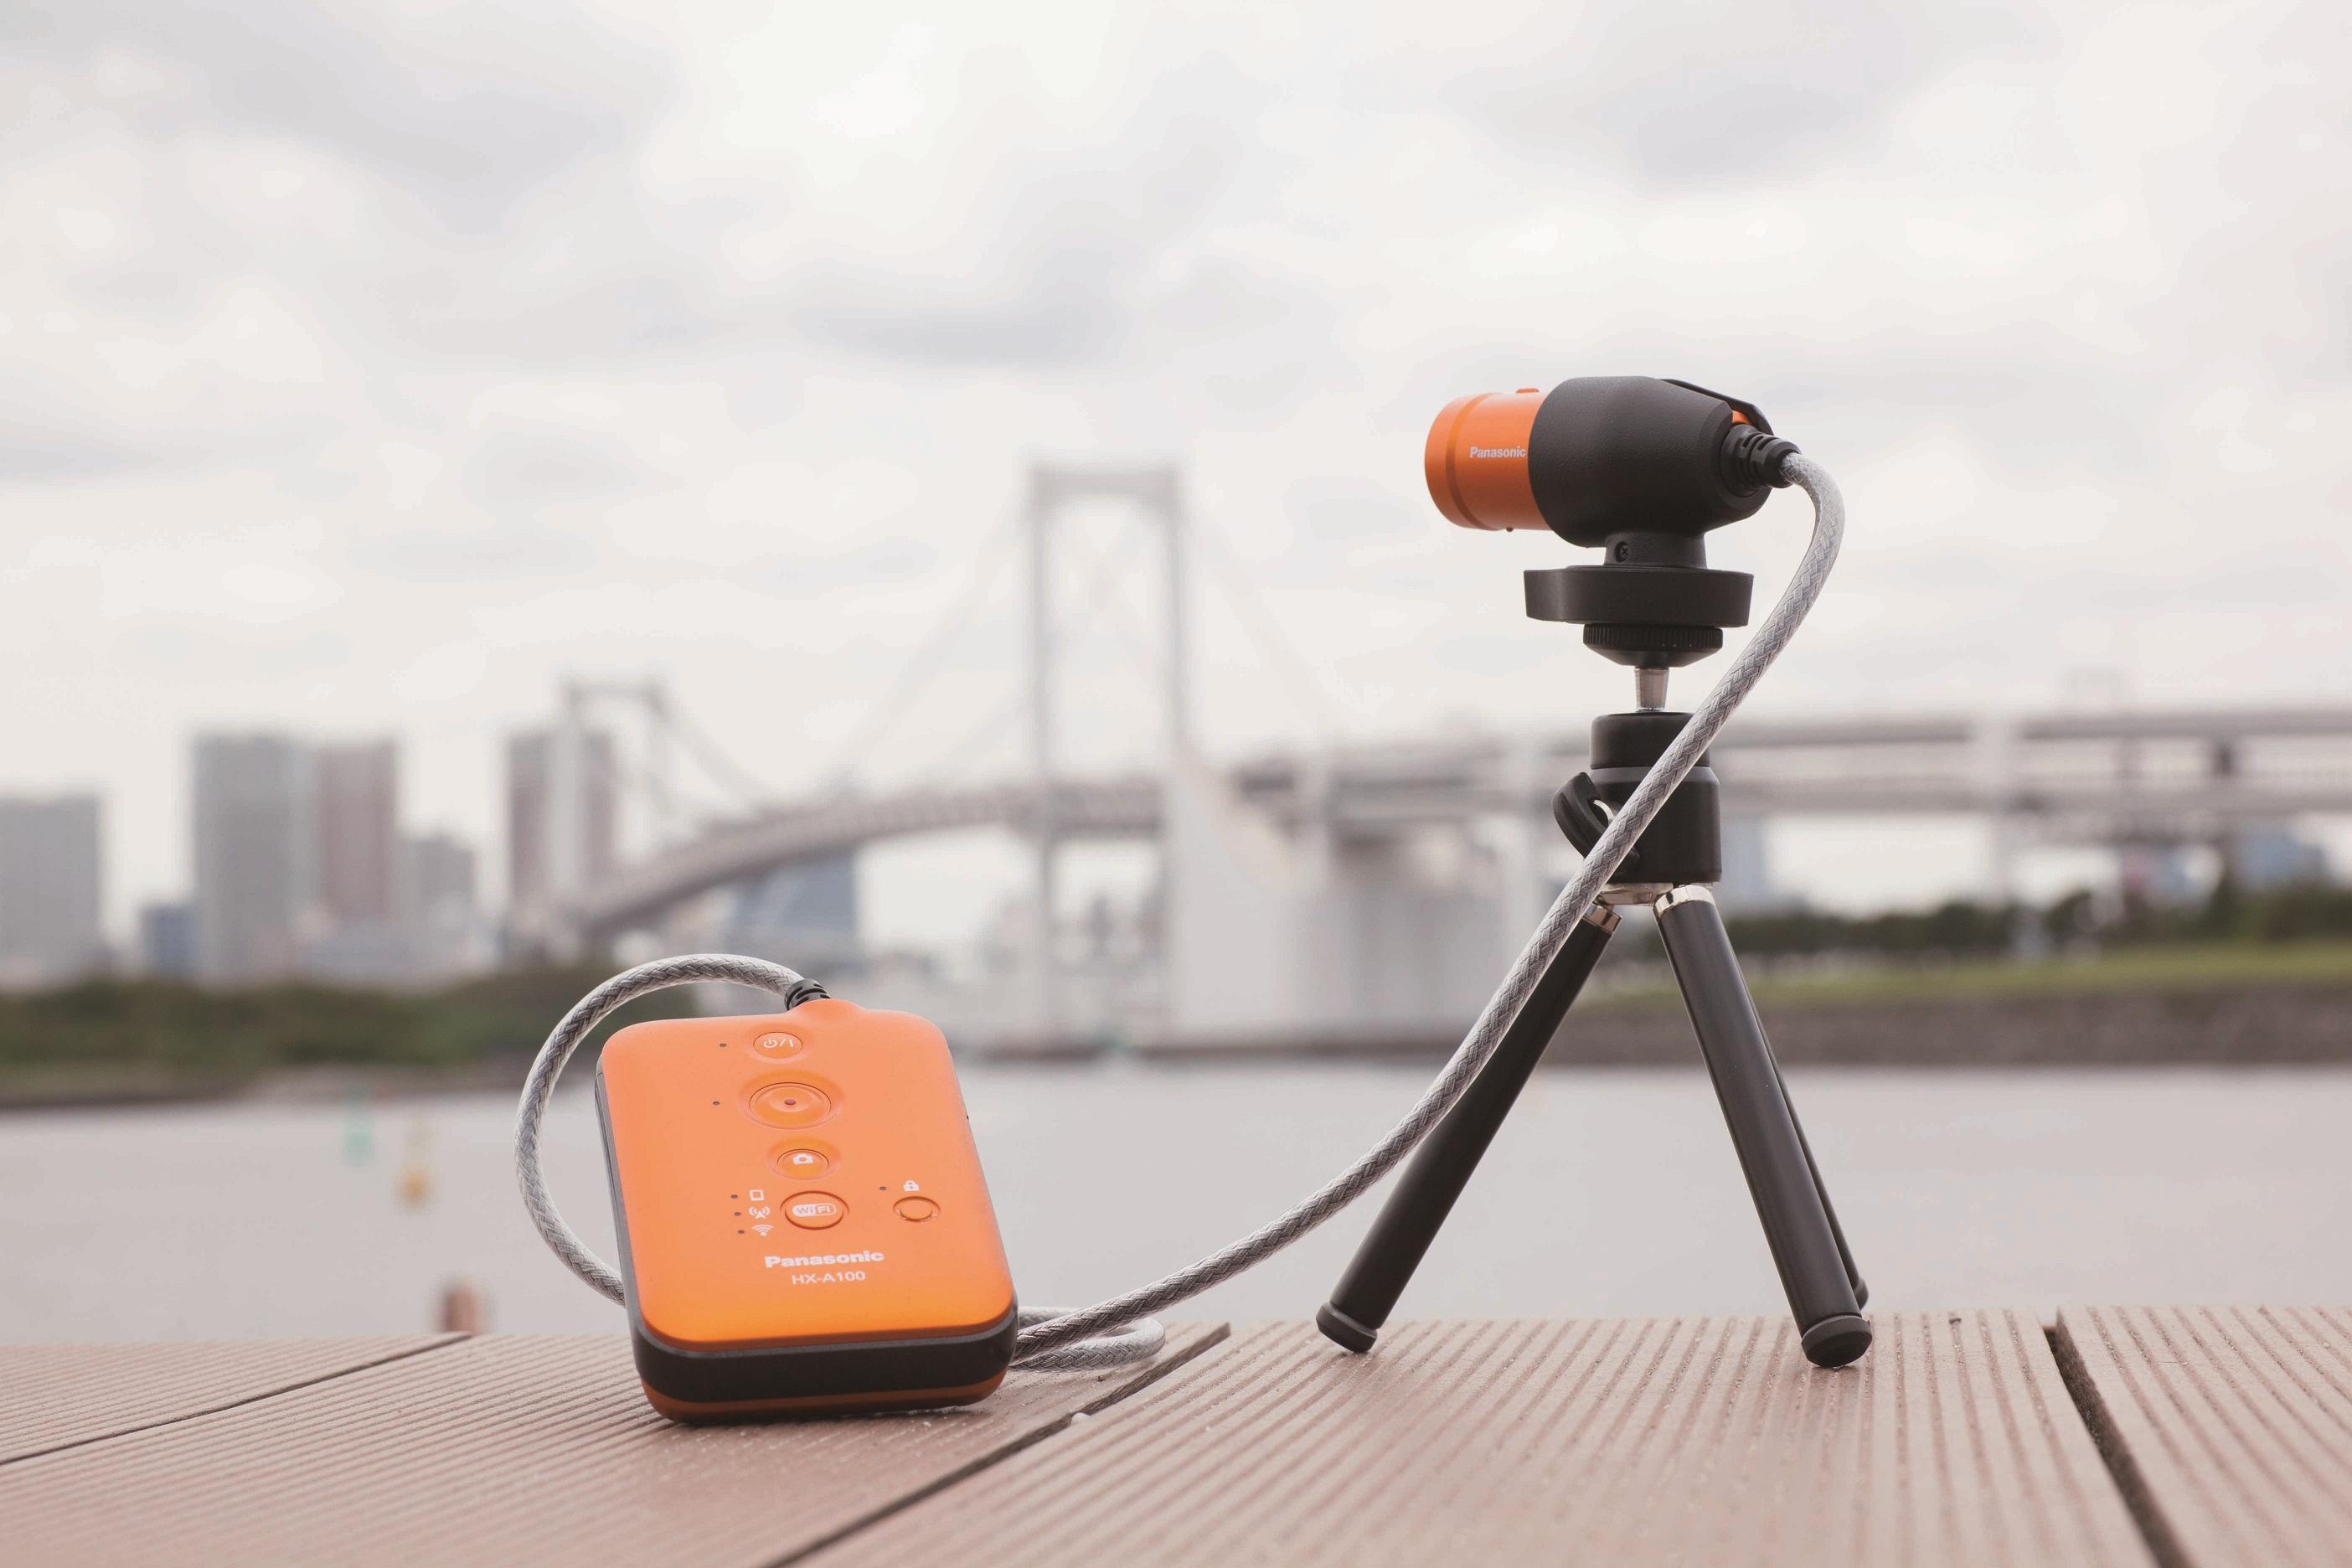 トライポッドマウントと市販のミニ三脚を組み合わせたパナソニックのウェアラブルカメラHX-A100